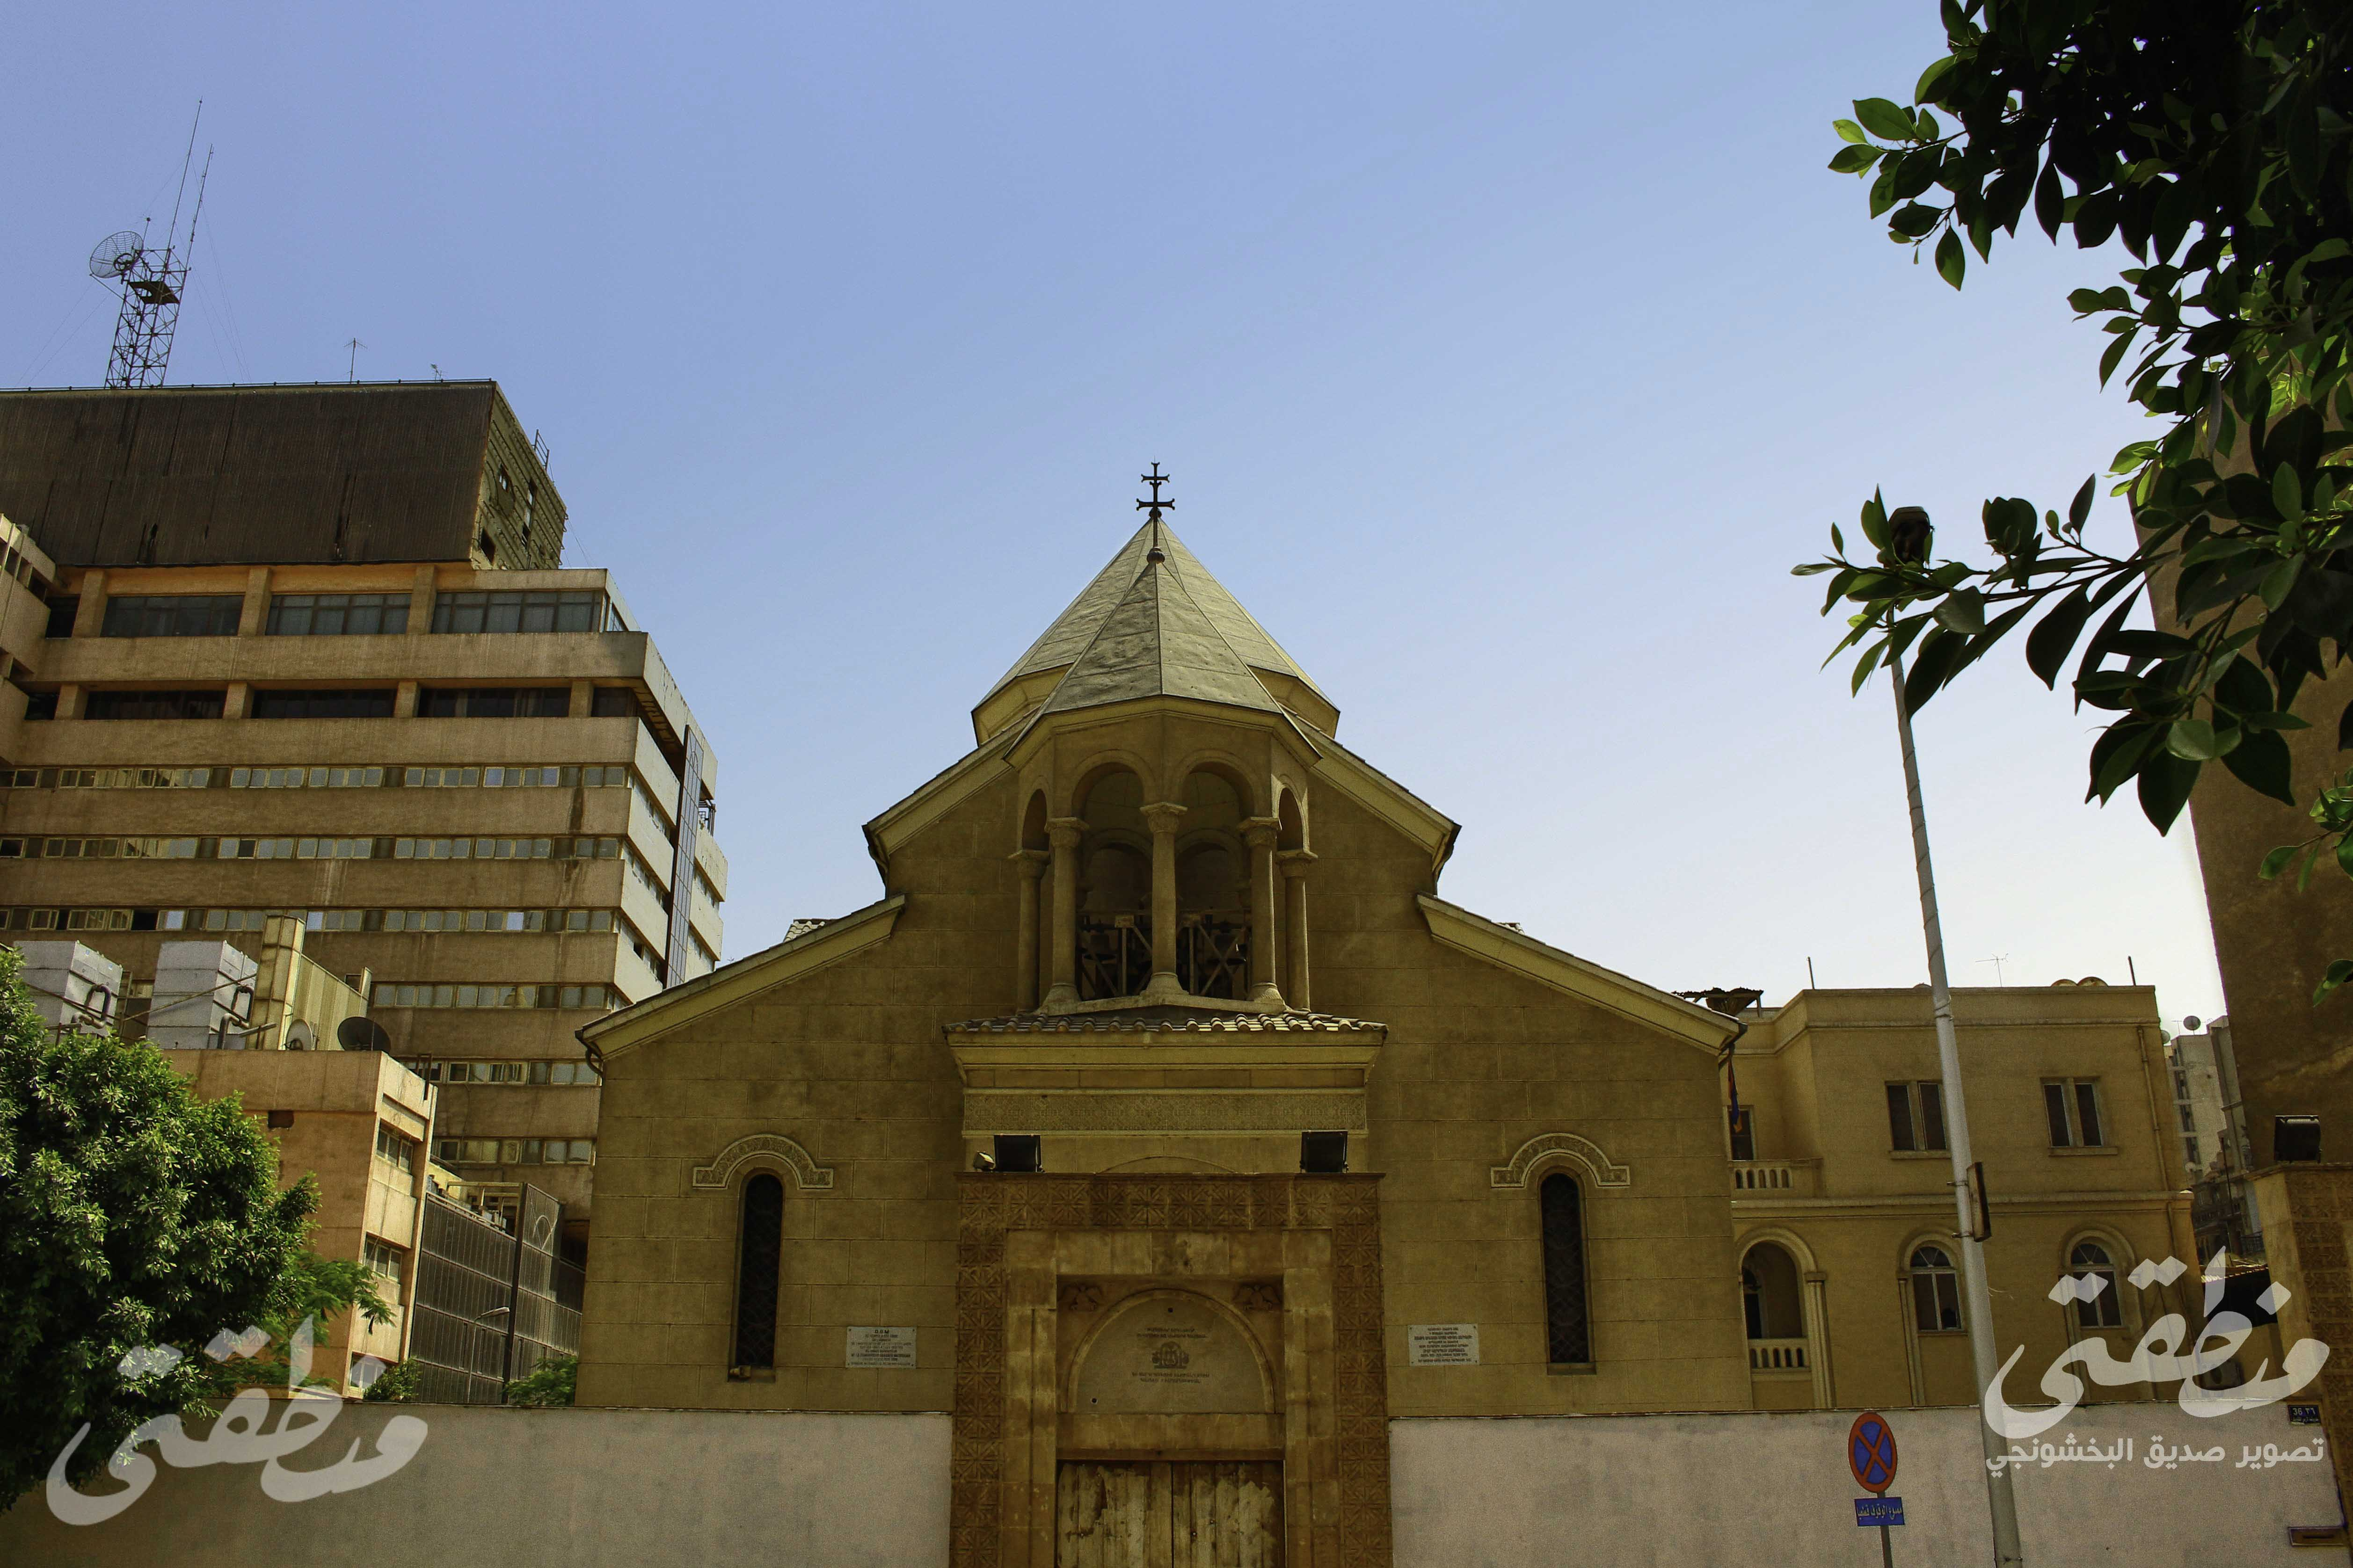 بطريركية الآرمن الكاثوليك من الخارج - تصوير - صديق البخشونجي